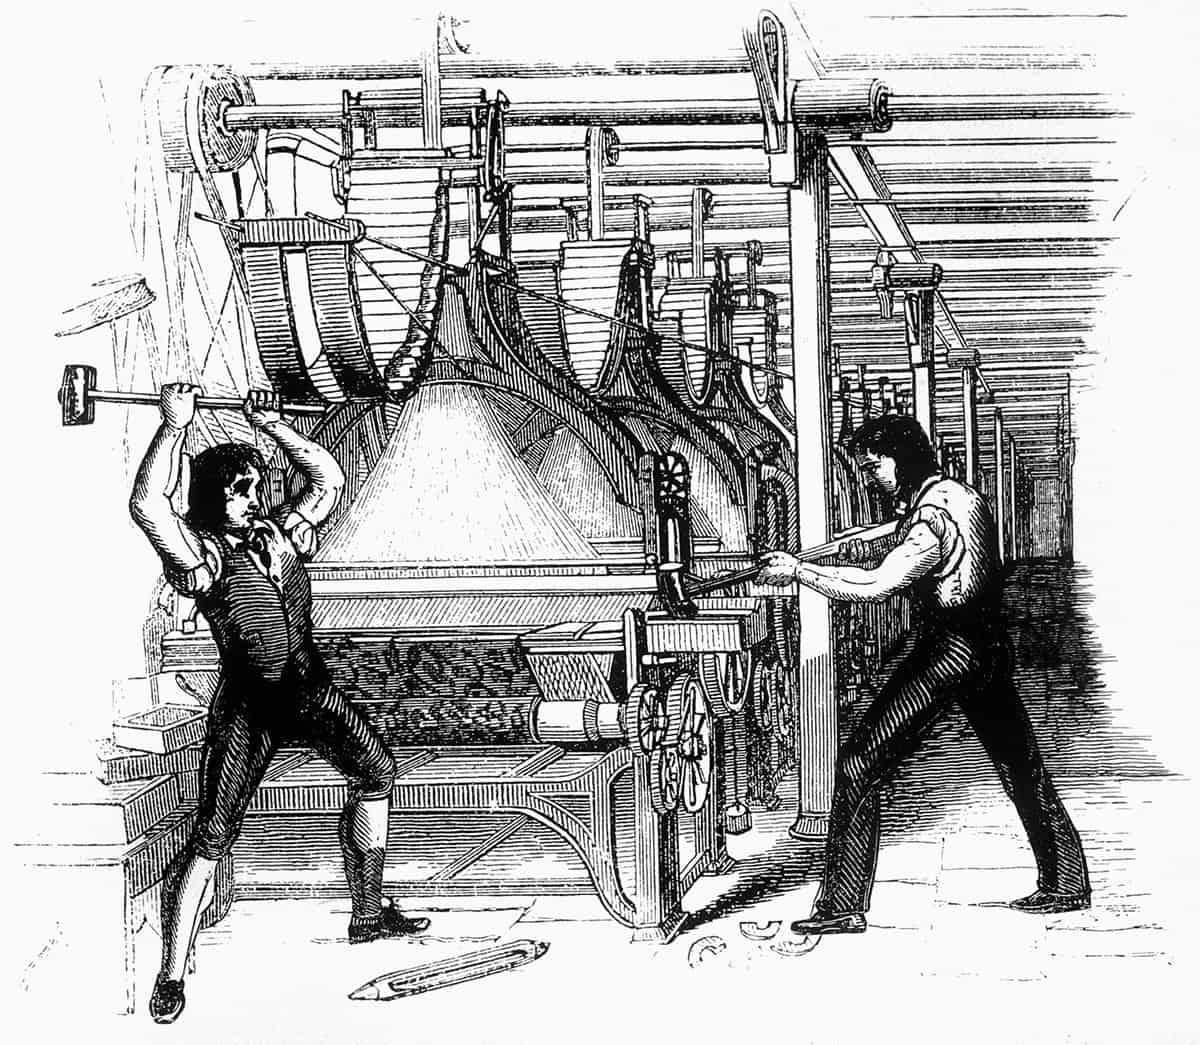 Luddites smashing a loom